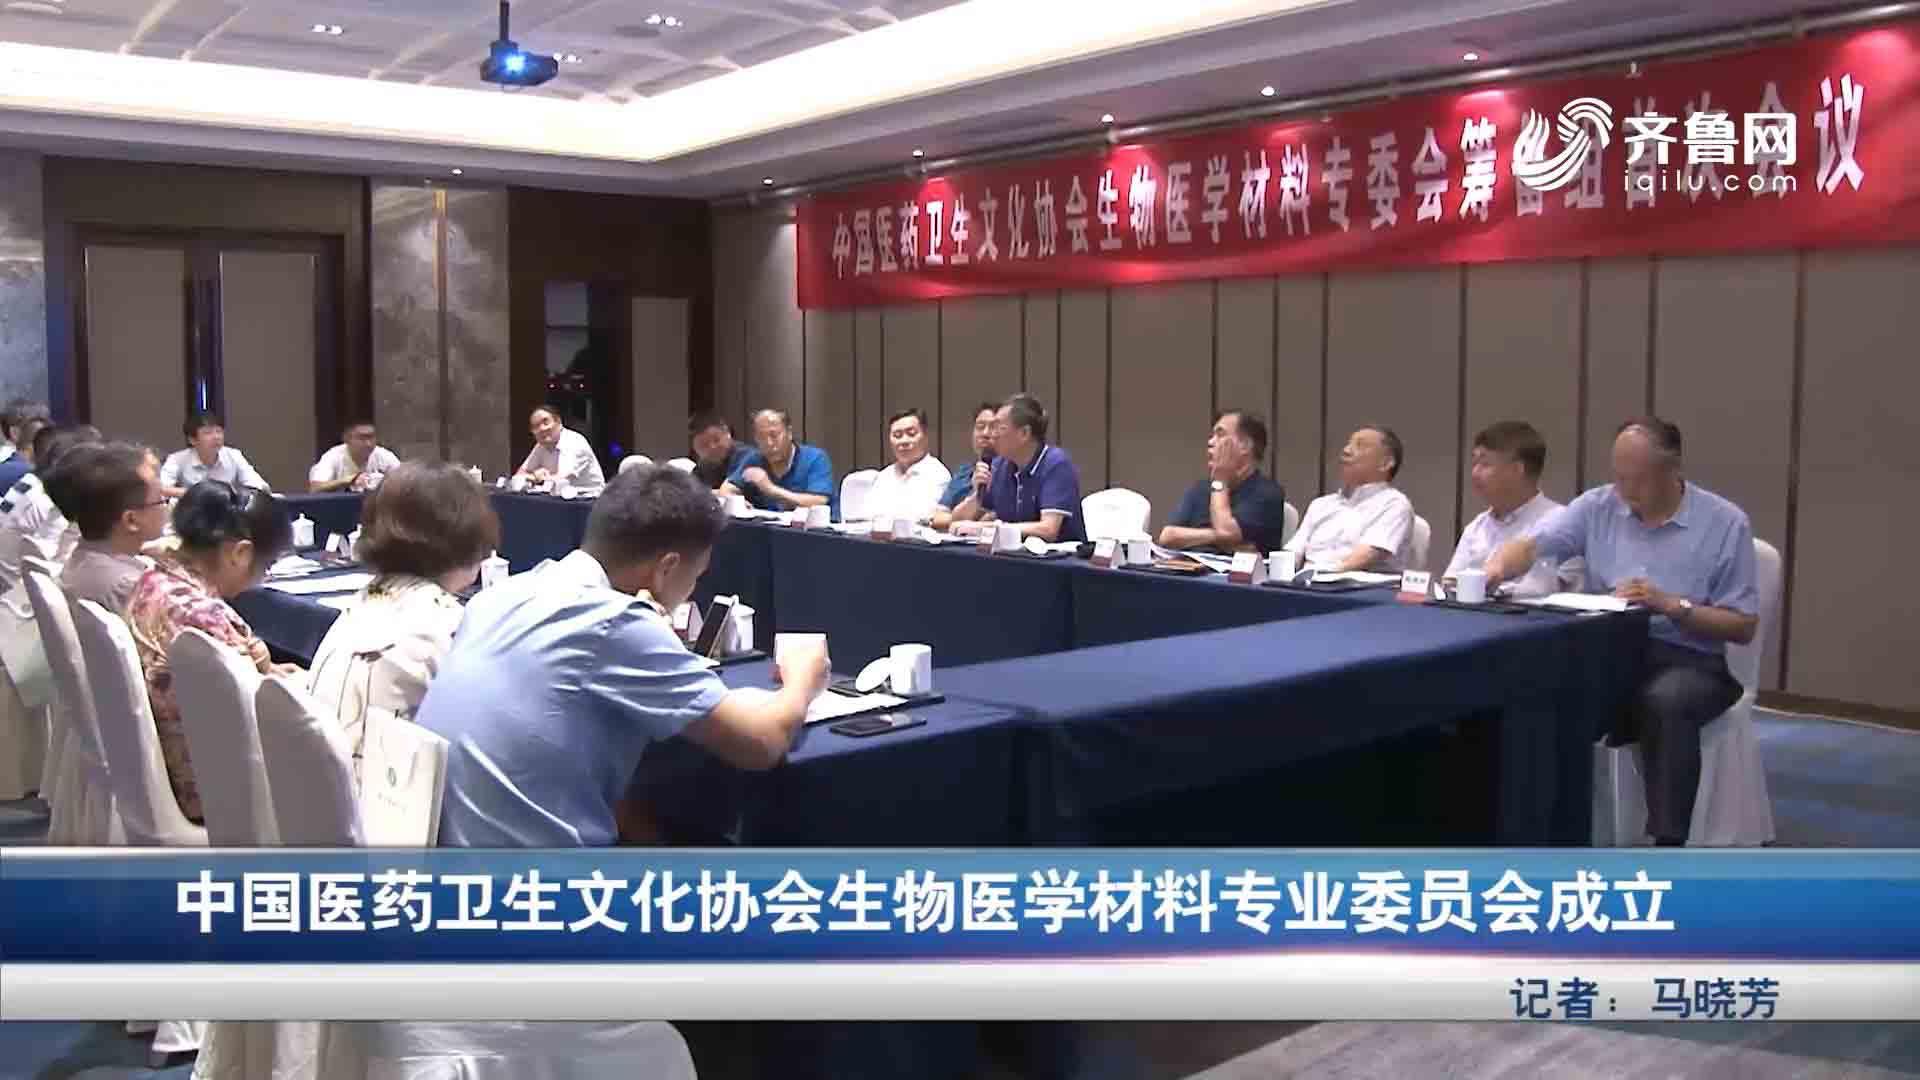 中国医药卫生文化协会生物医学材料专业委员会成立